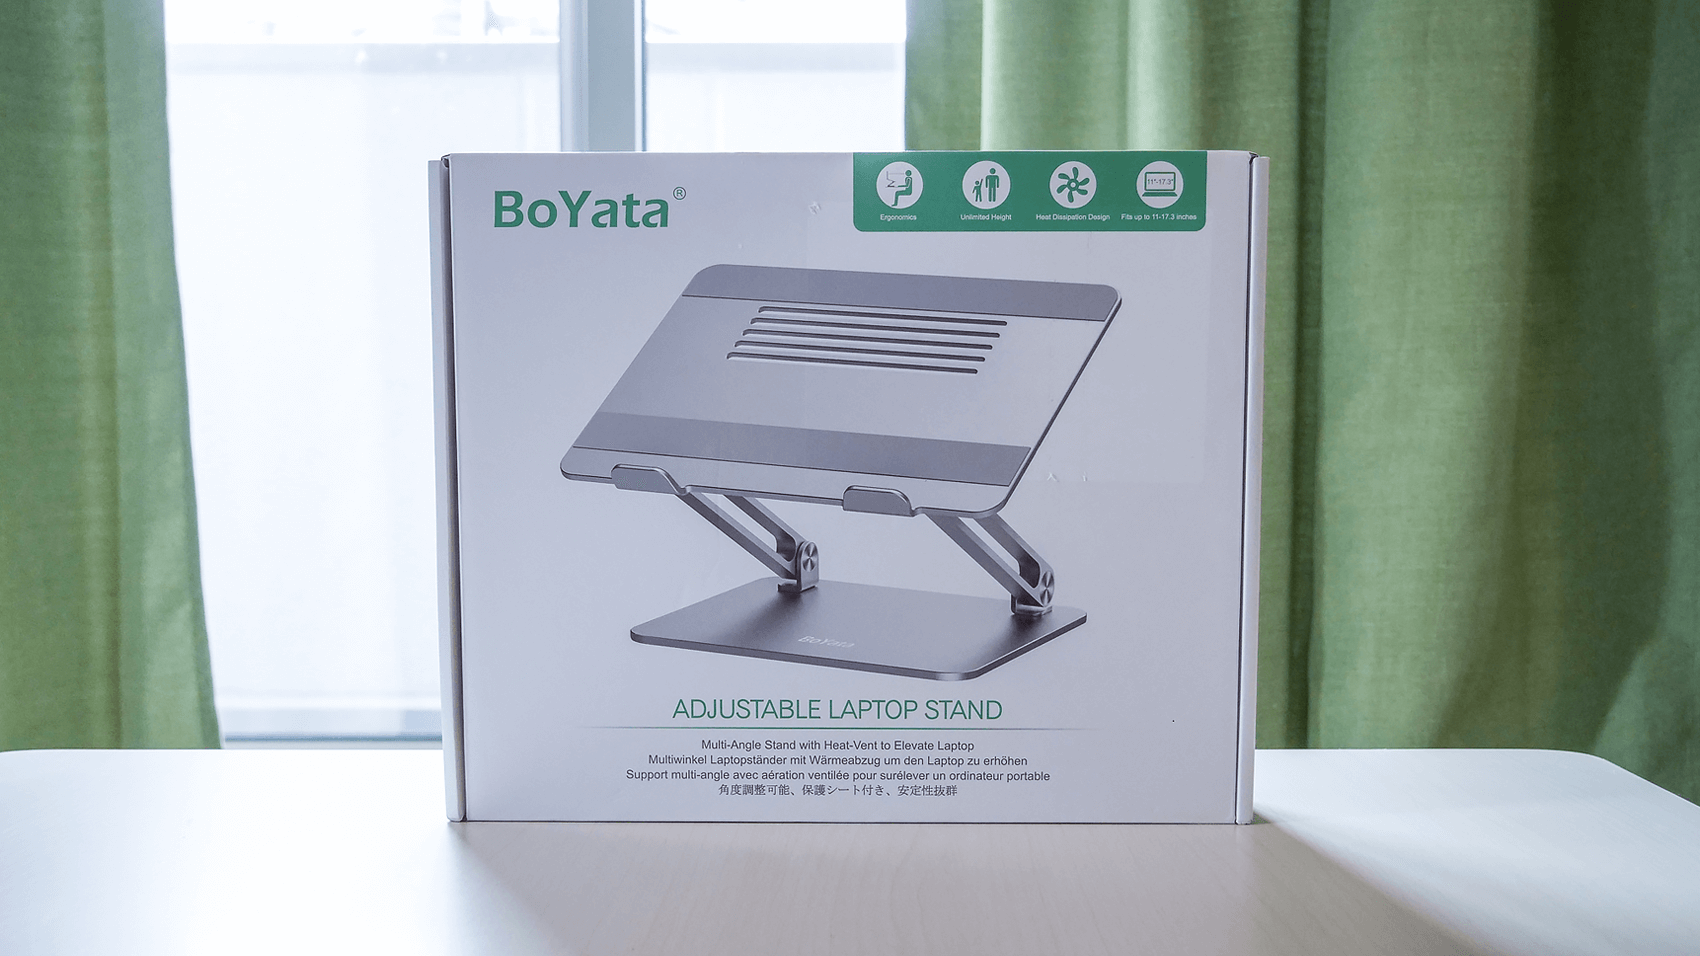 """Boyataのパソコンスタンドのパッケージ"""""""